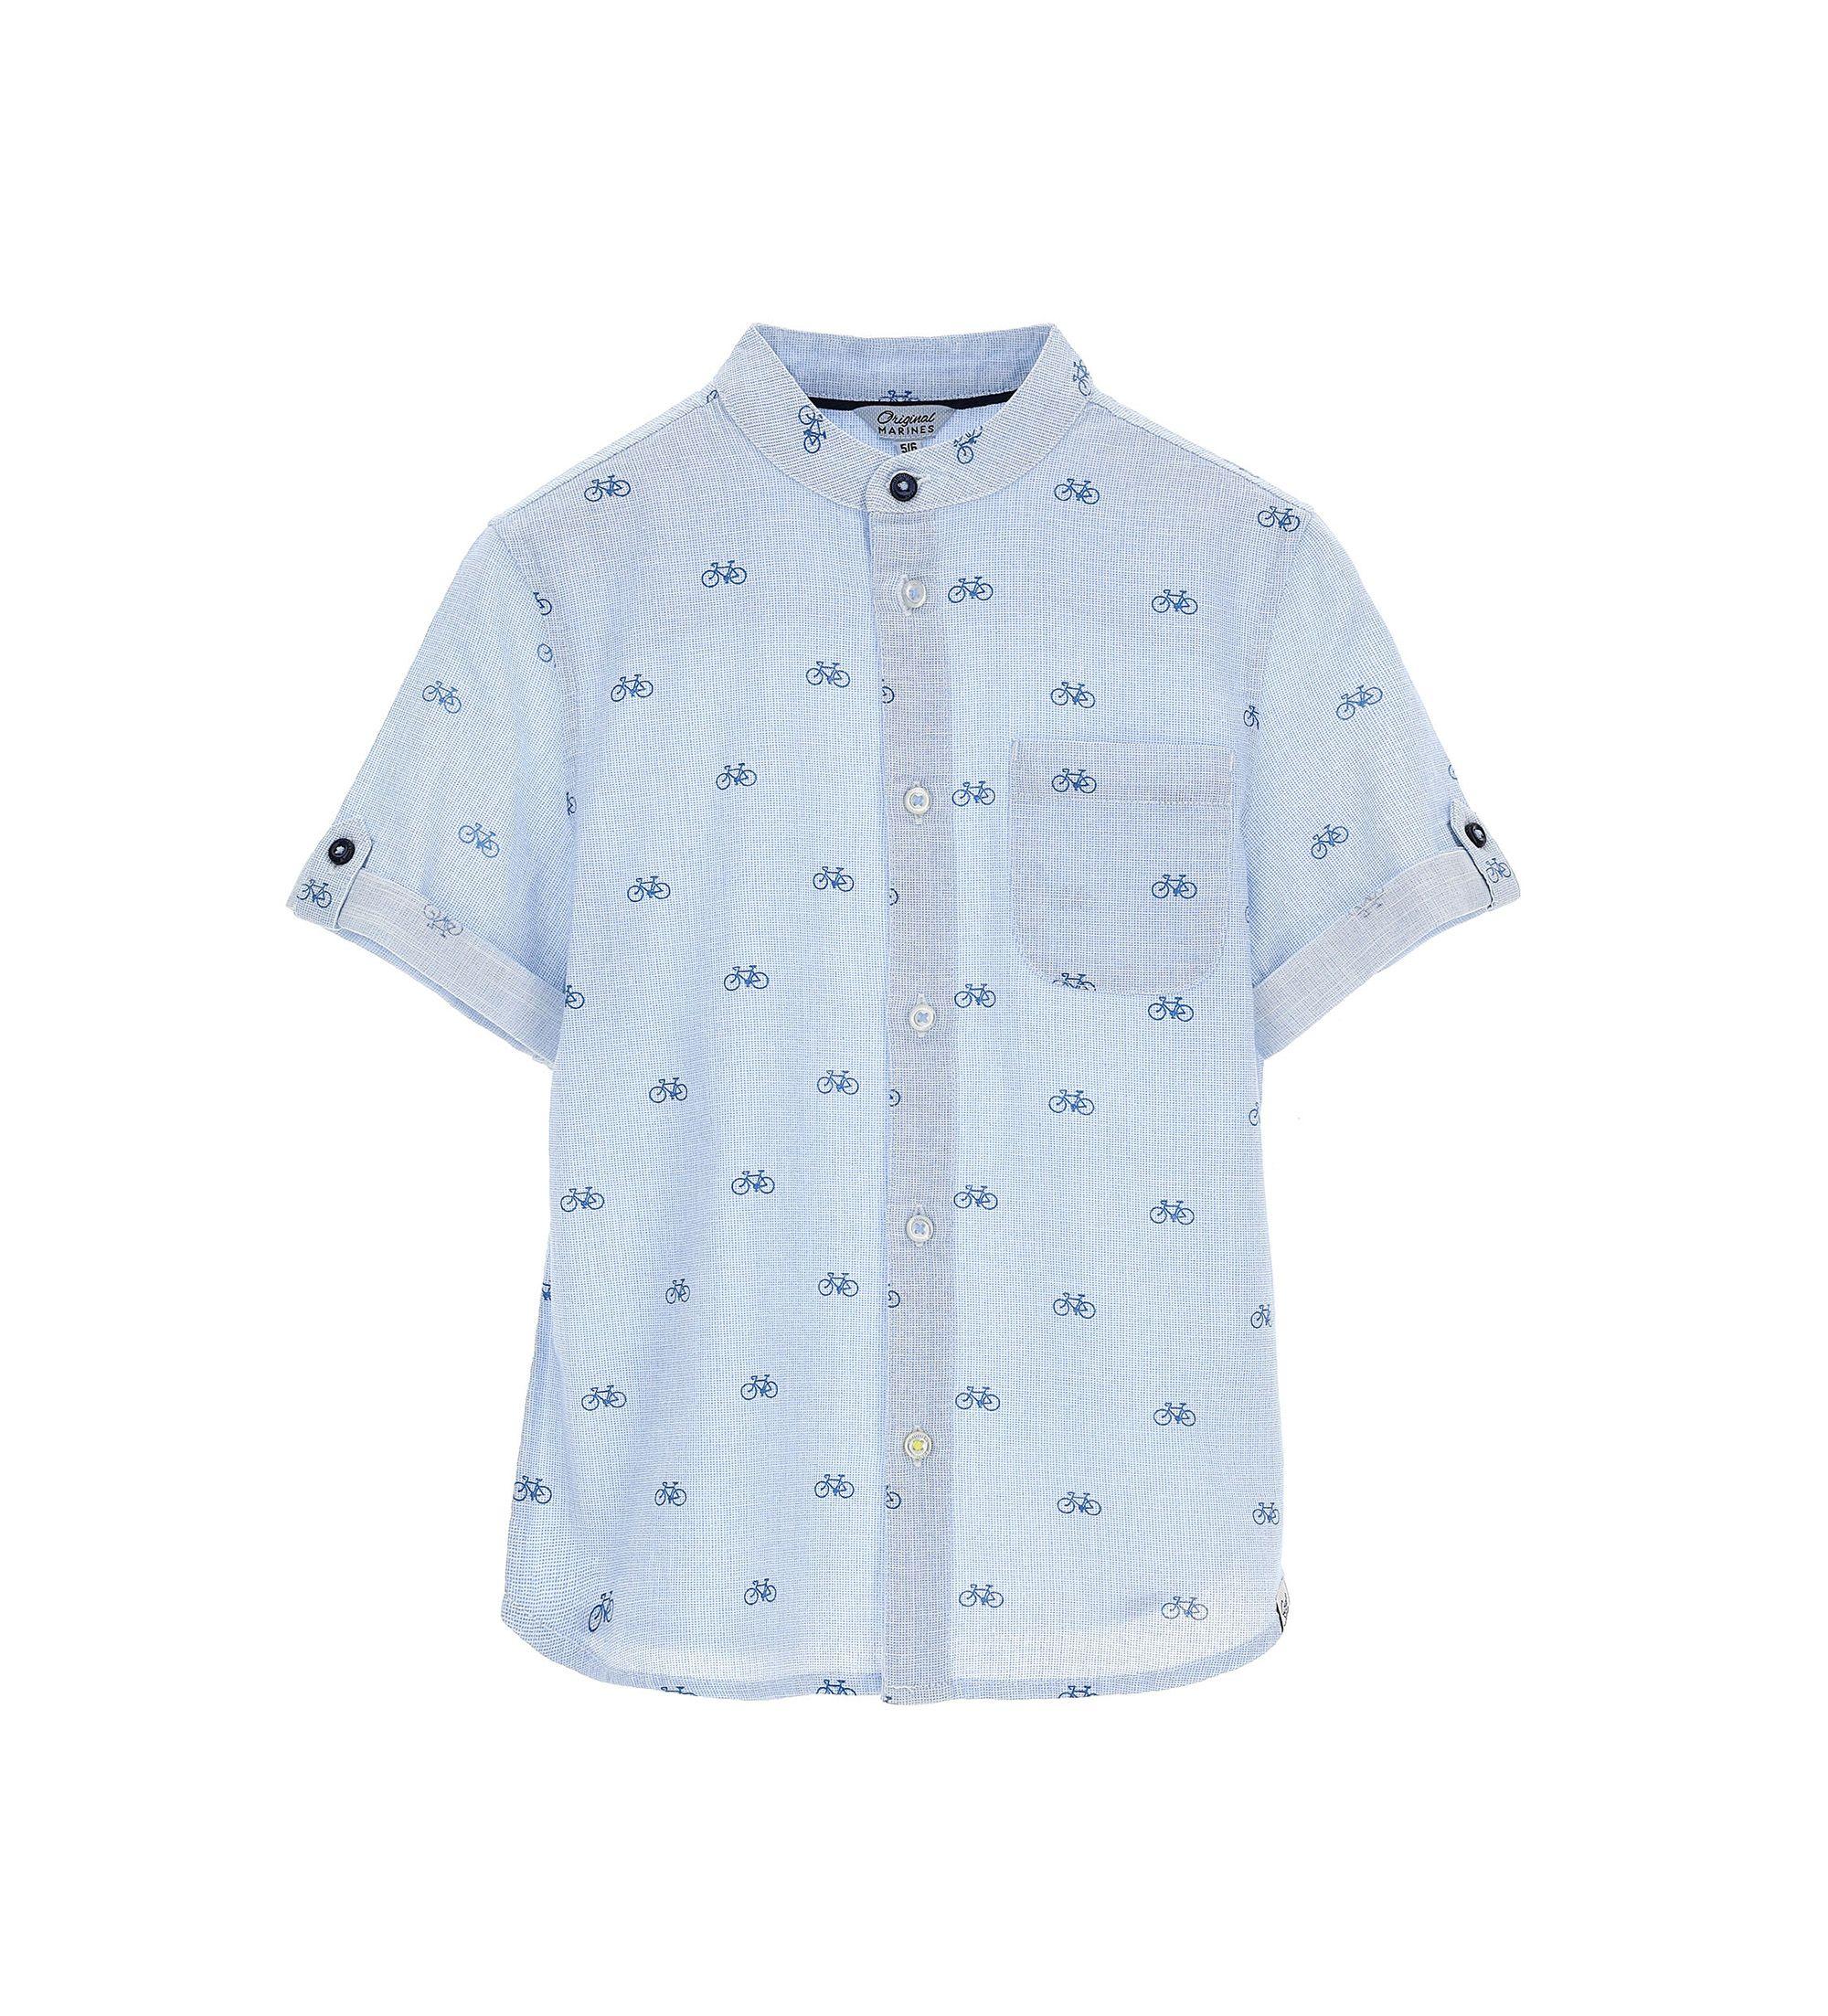 Купить Рубашка с коротким рукавом Original Marines, голубой, 164, Мальчики, весна